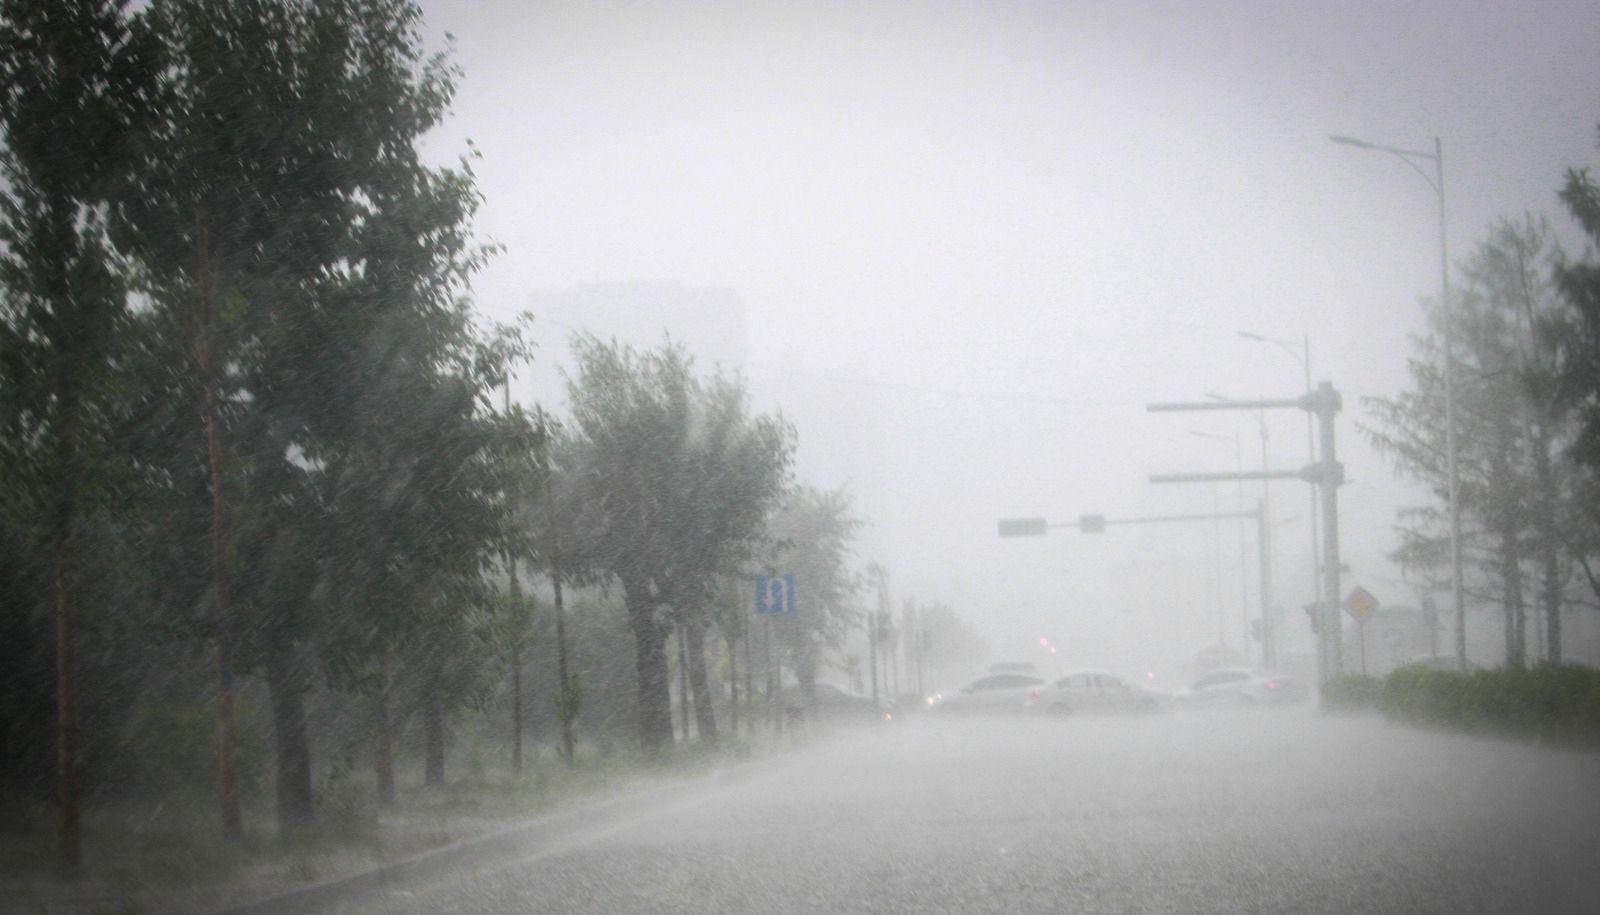 Дуу цахилгаантай усархаг бороо орох тул үерийн аюулаас сэрэмжилнэ үү